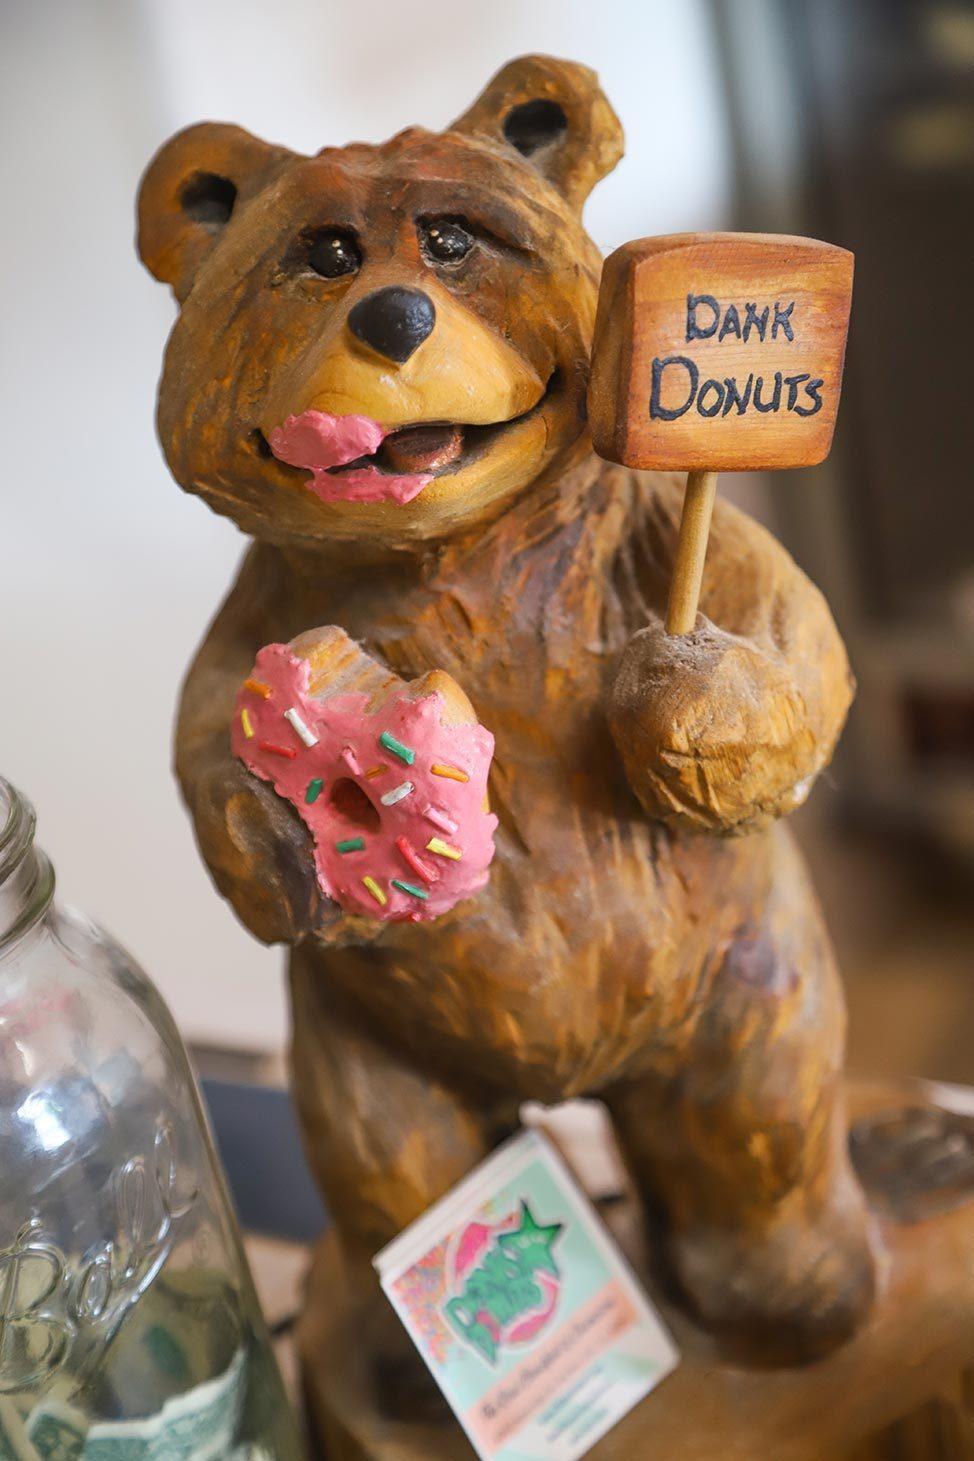 Dank Donuts in Big Bear, California